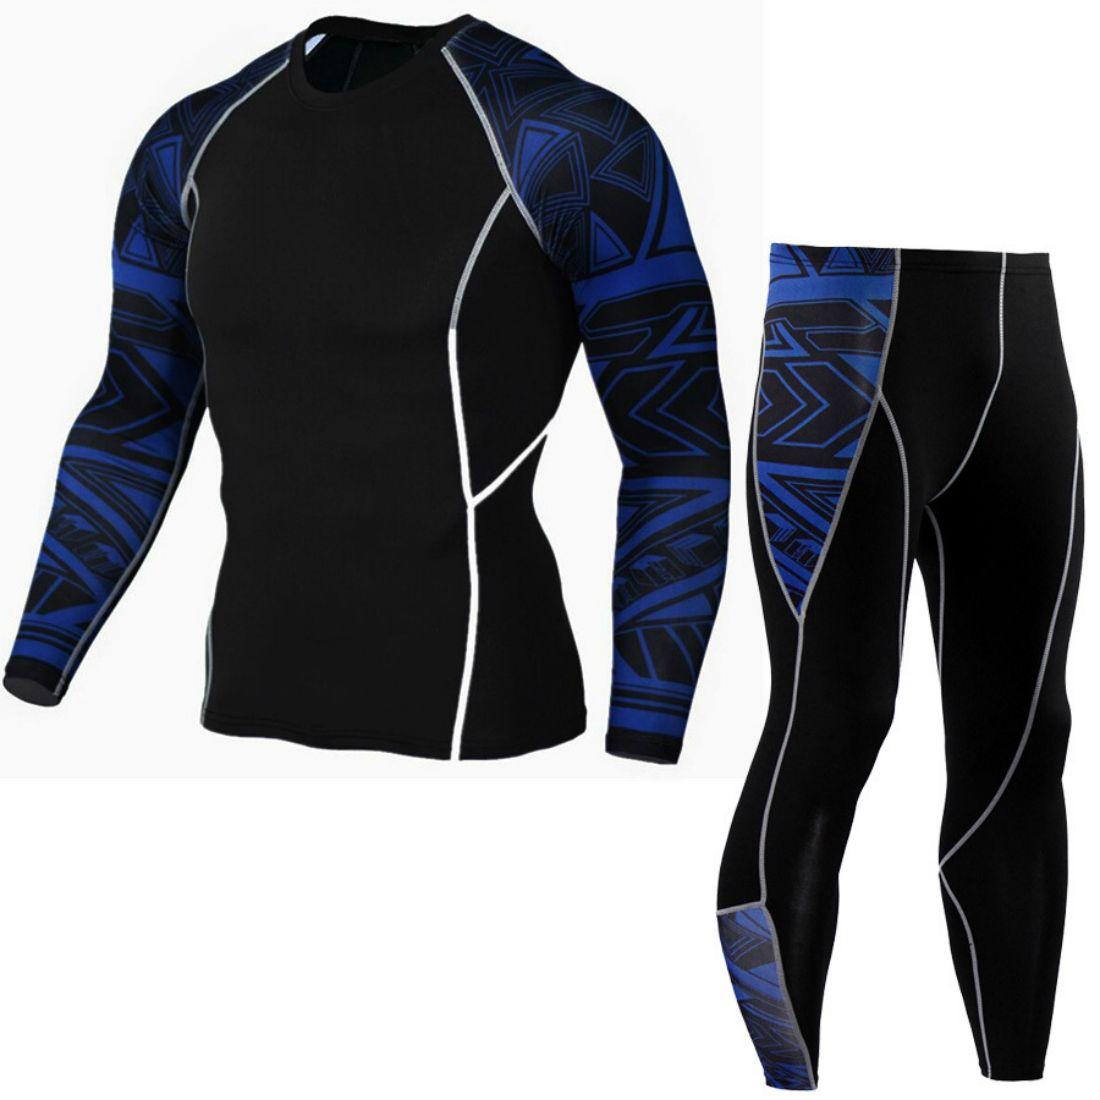 Compre 2 Unidades De Manga Larga Para Hombre Camisas De Compresión Gimnasio  Pantalón Traje Deportivo Para Hombres Traje Sportwear Hombres Ropa Deportiva  ... 4ef392f02b32e